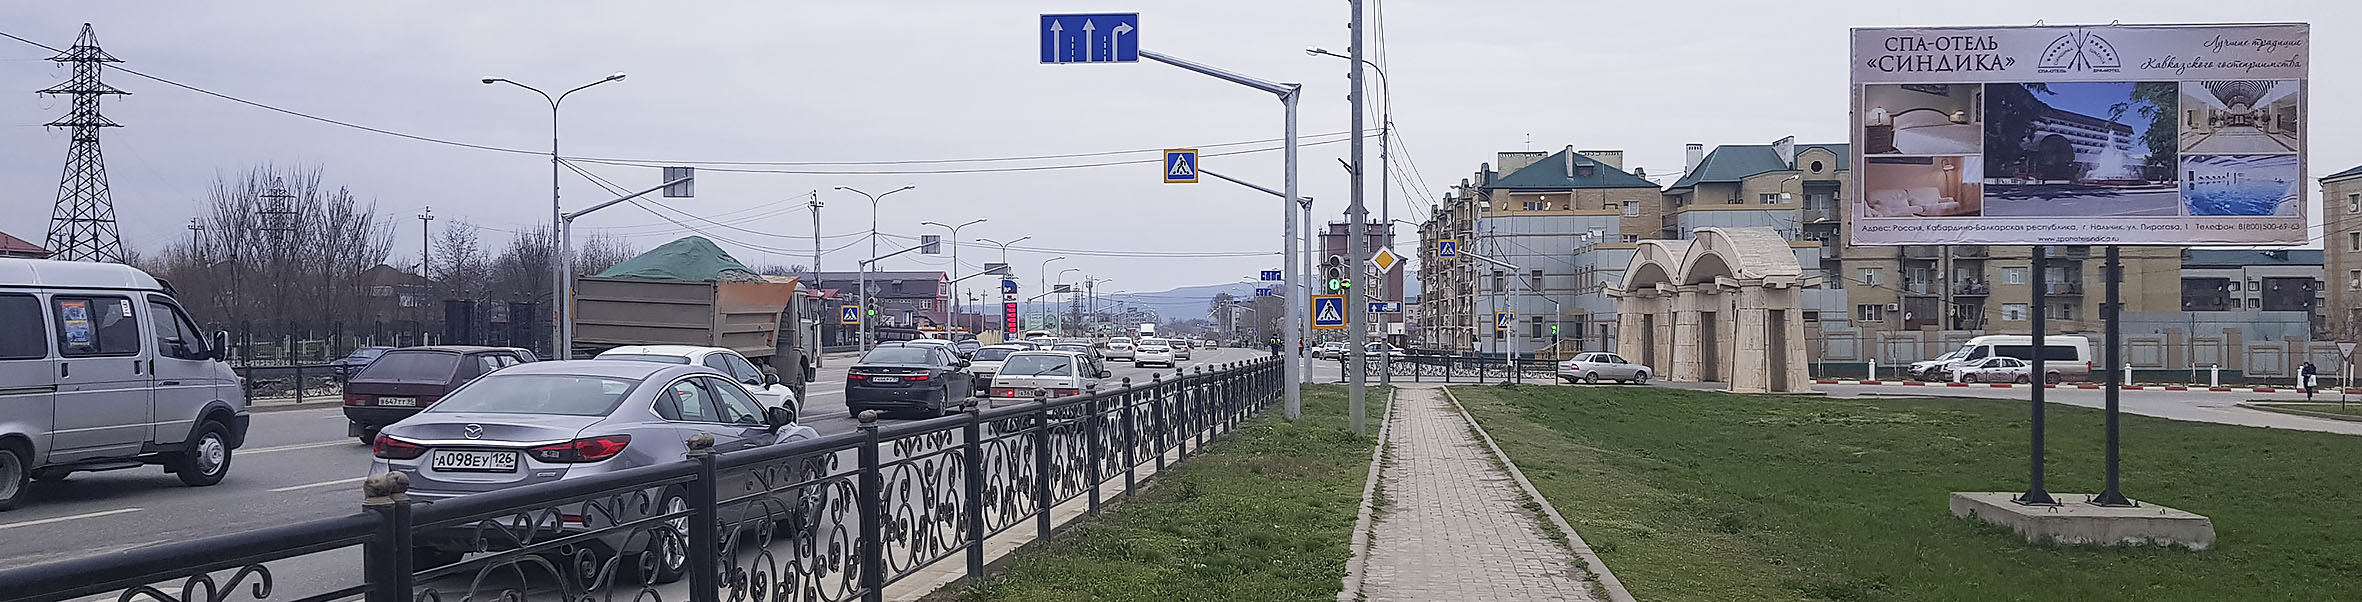 Наружная реклама на билбордах в Гудермесе Чечня